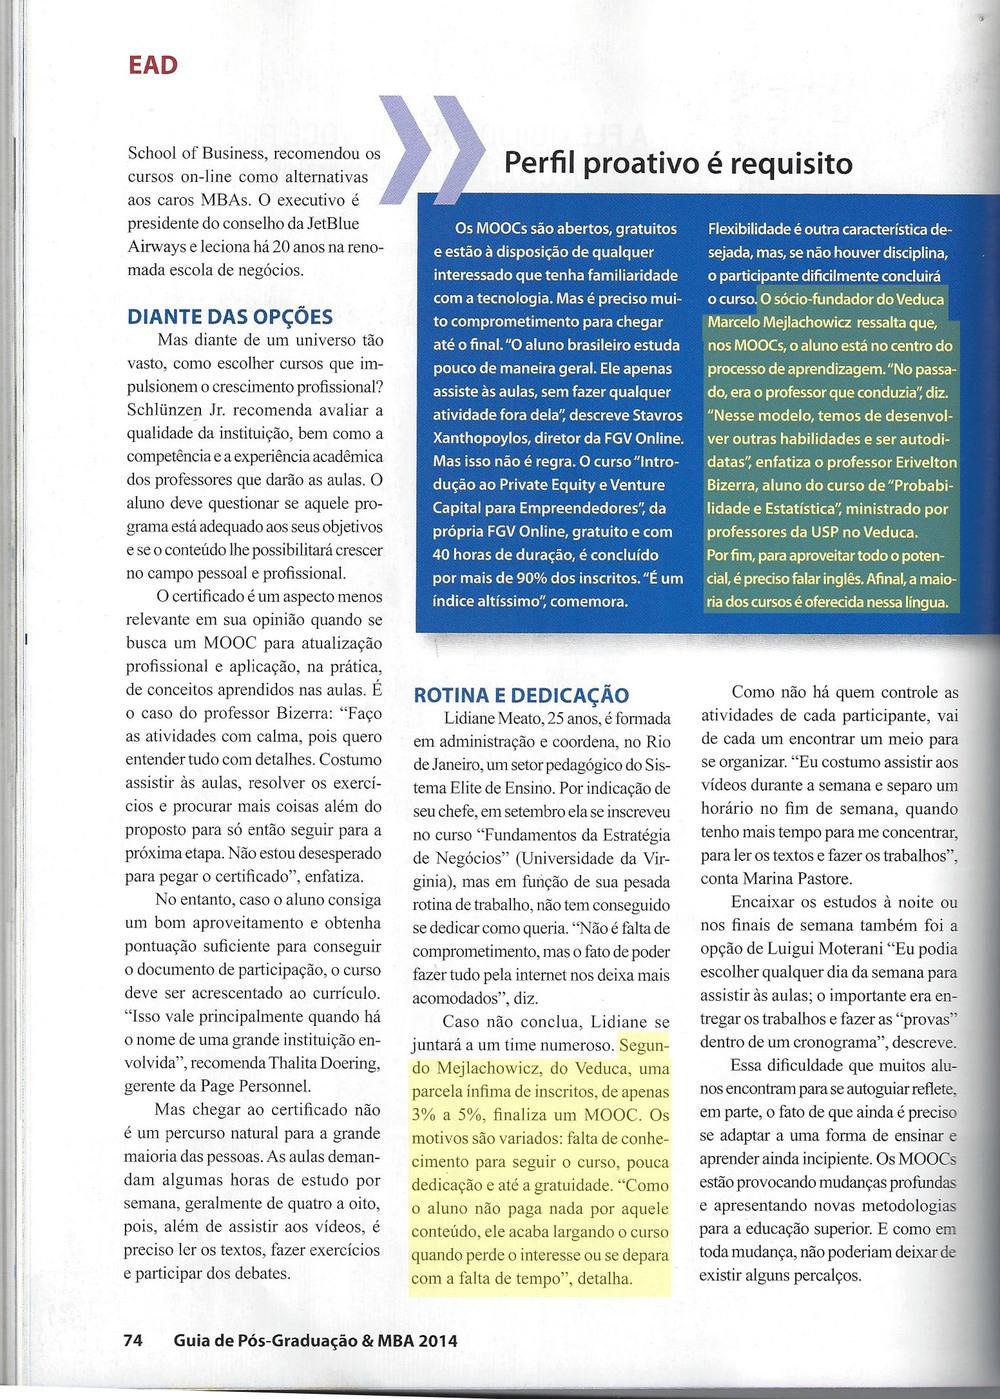 Guia de Pós & MBA_page 73.jpg